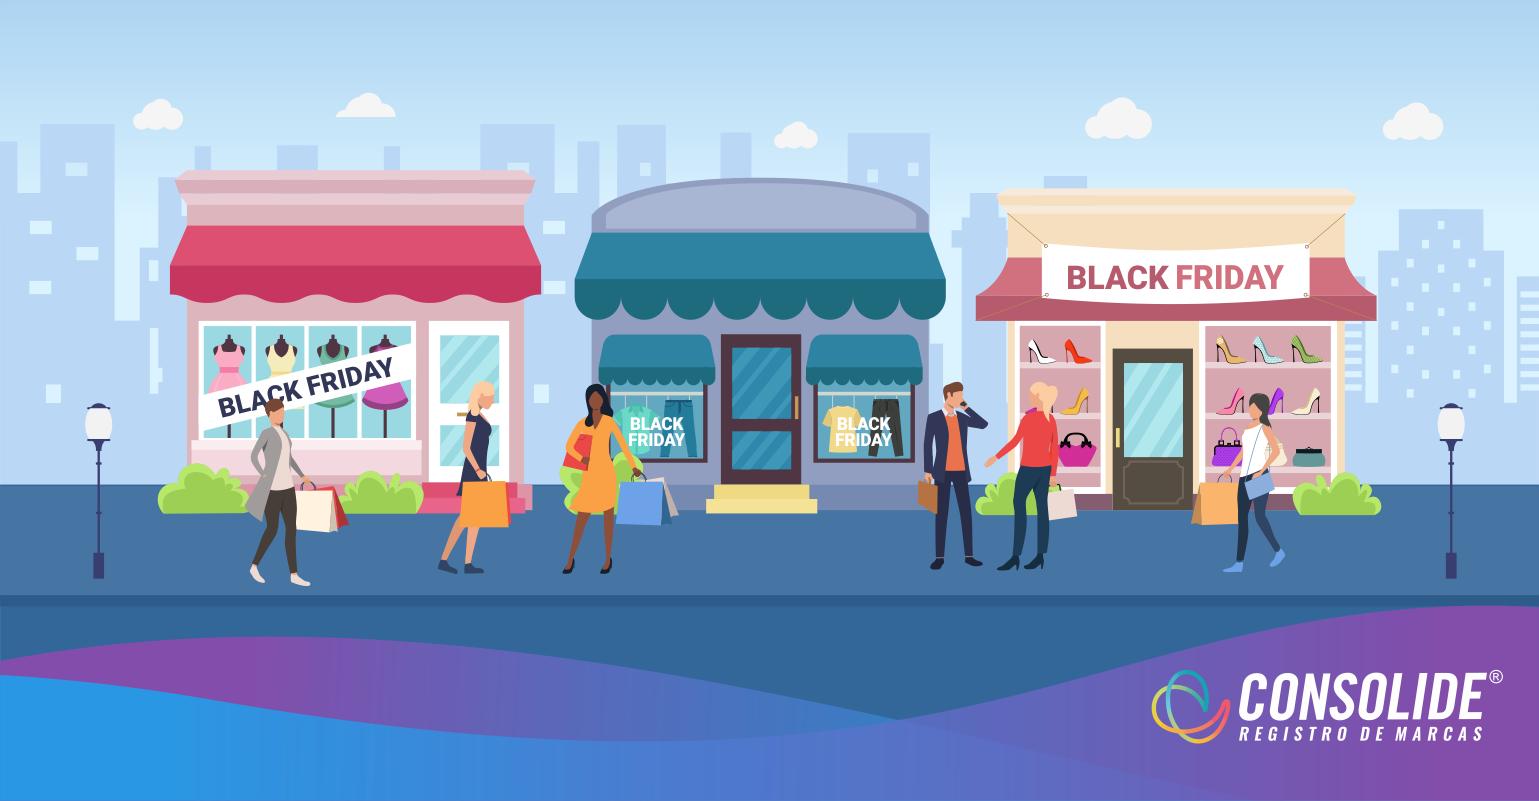 Guia Black Friday: 5 ações para bombar as vendas